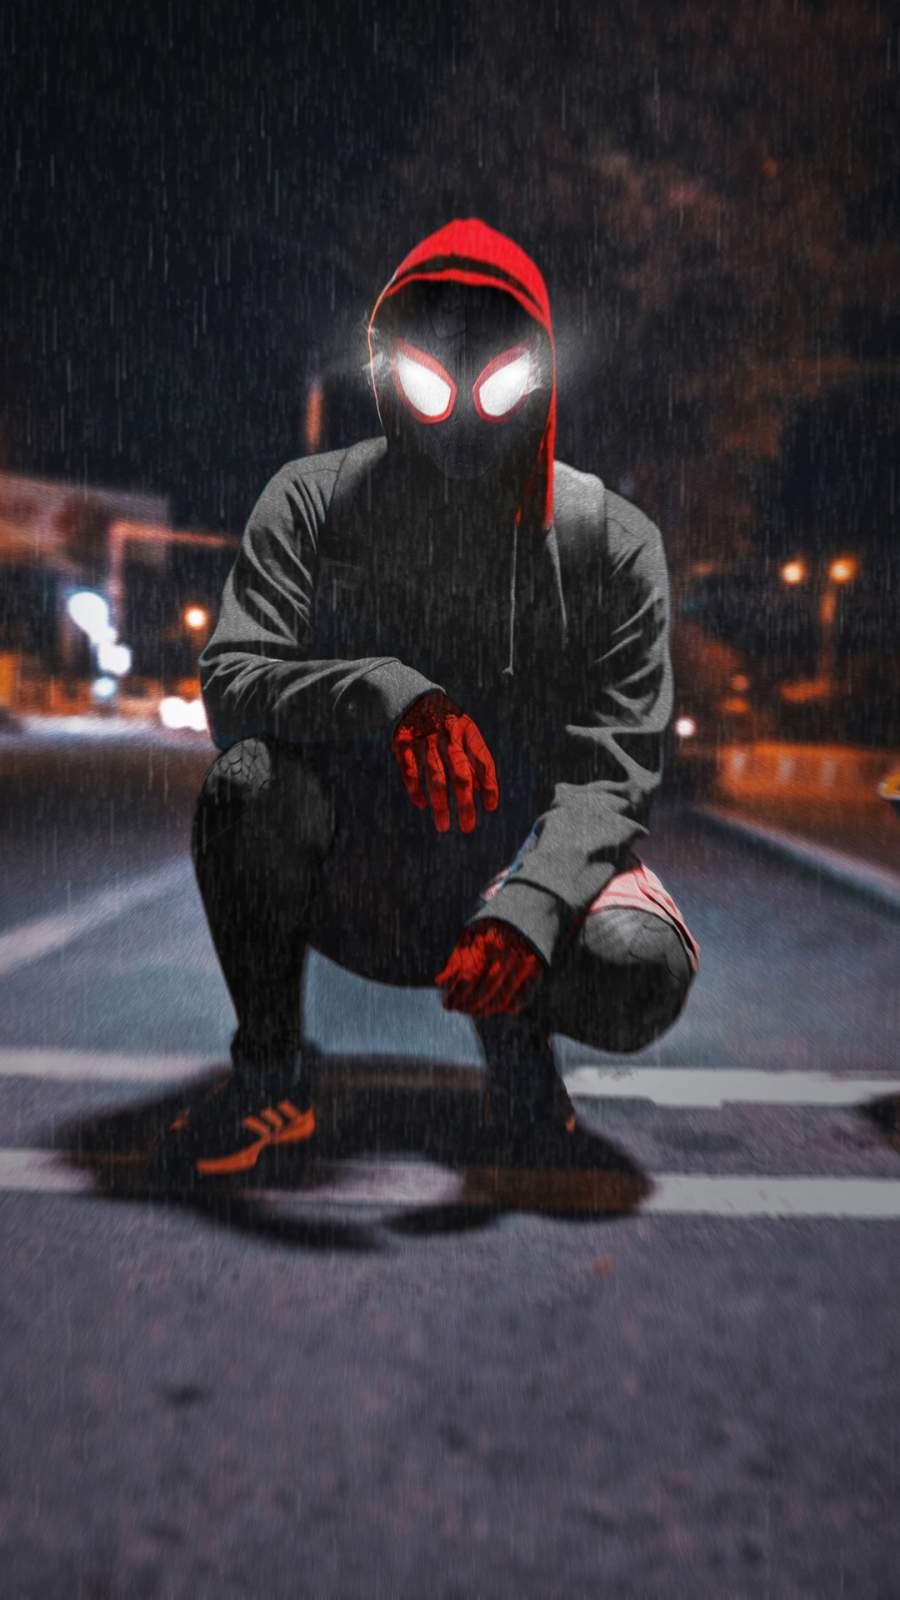 Spiderman in Hoodie Night Monkey iPhone Wallpaper